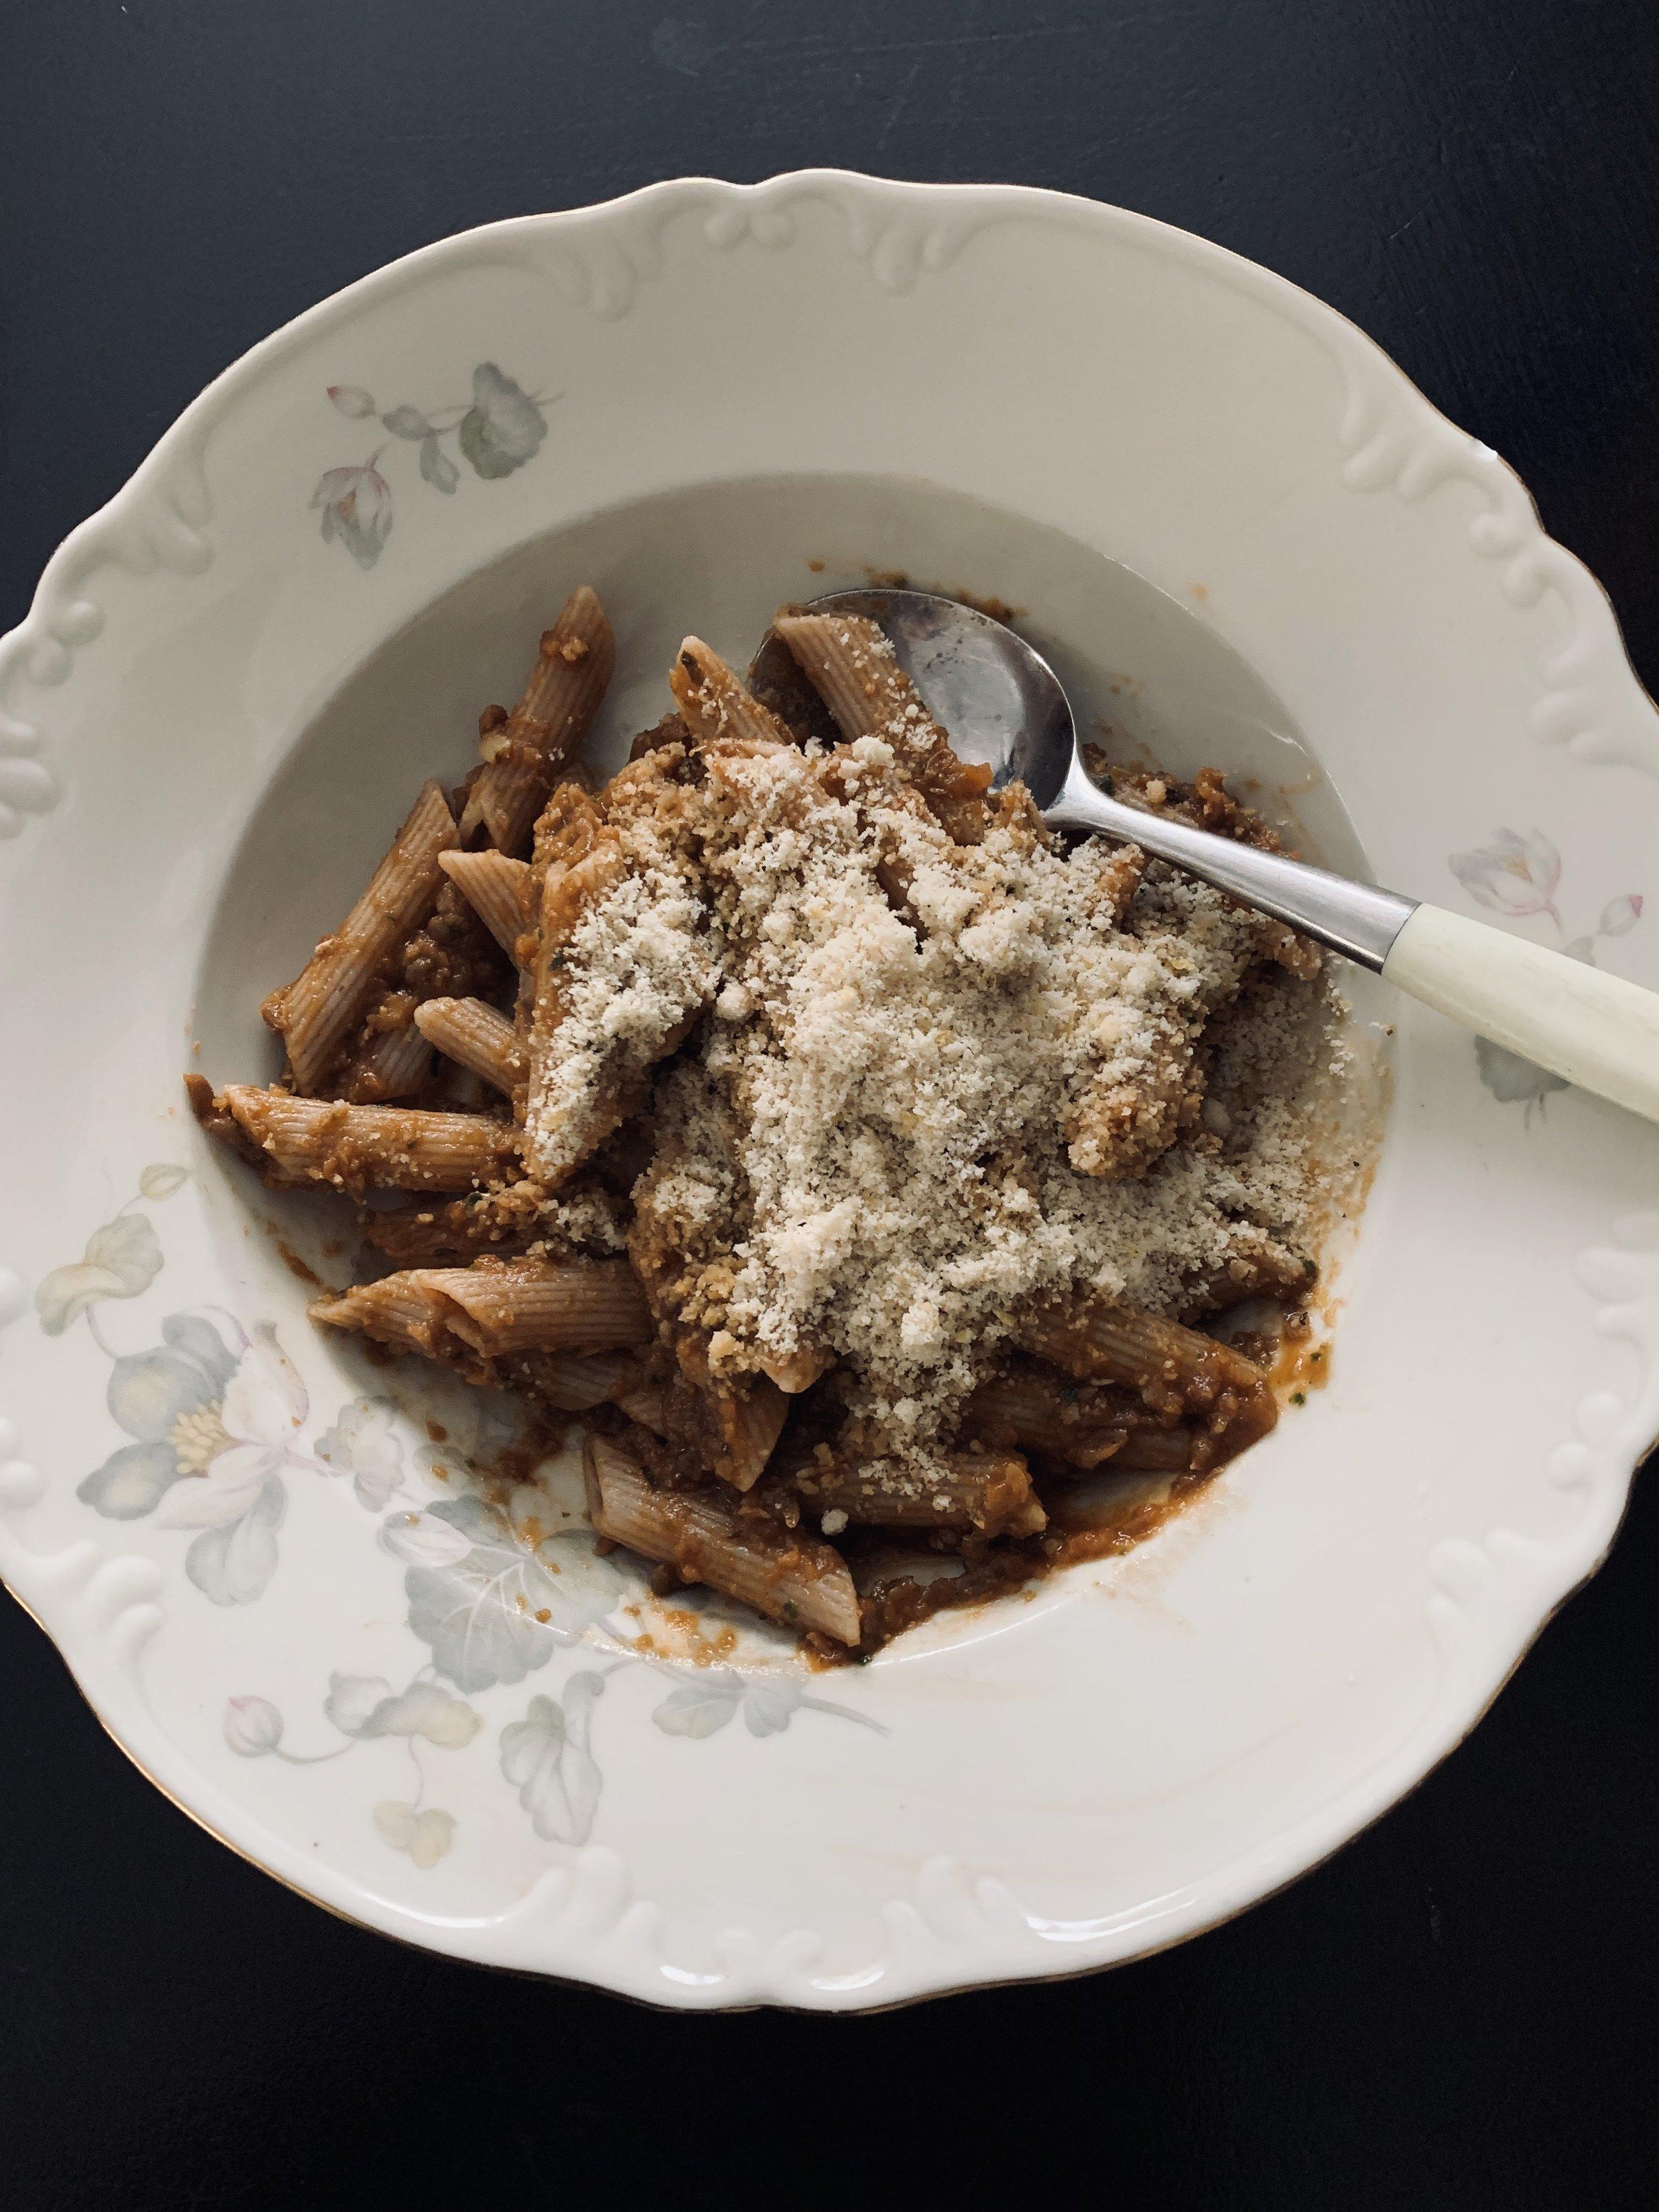 God olivenolje og no parm-parmesan på toppen er topp!